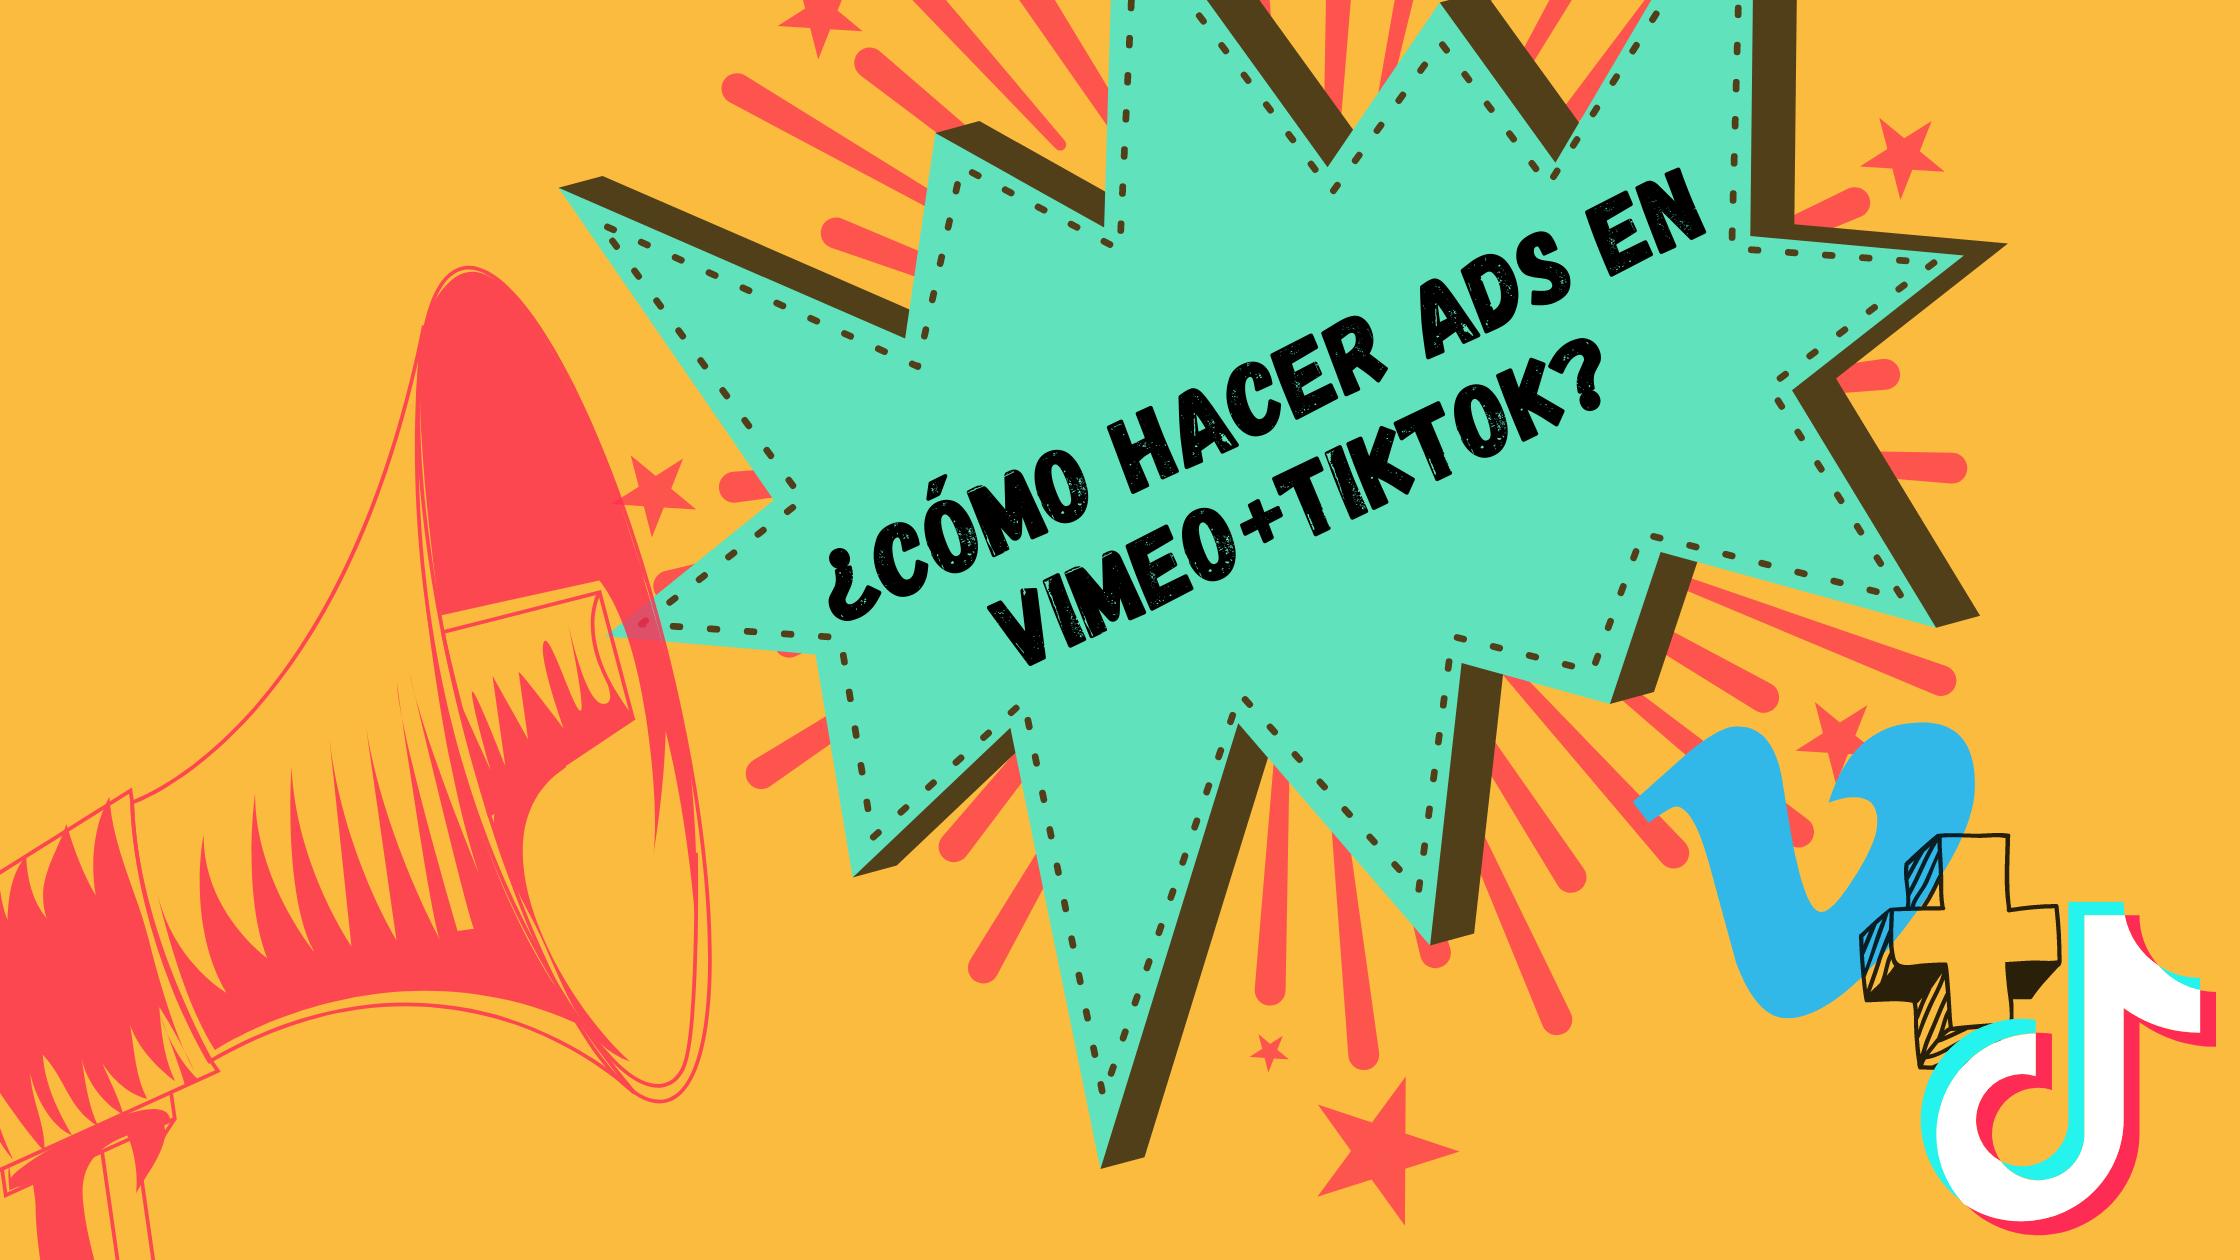 ¿Cómo hacer ads en Vimeo+TikTok?